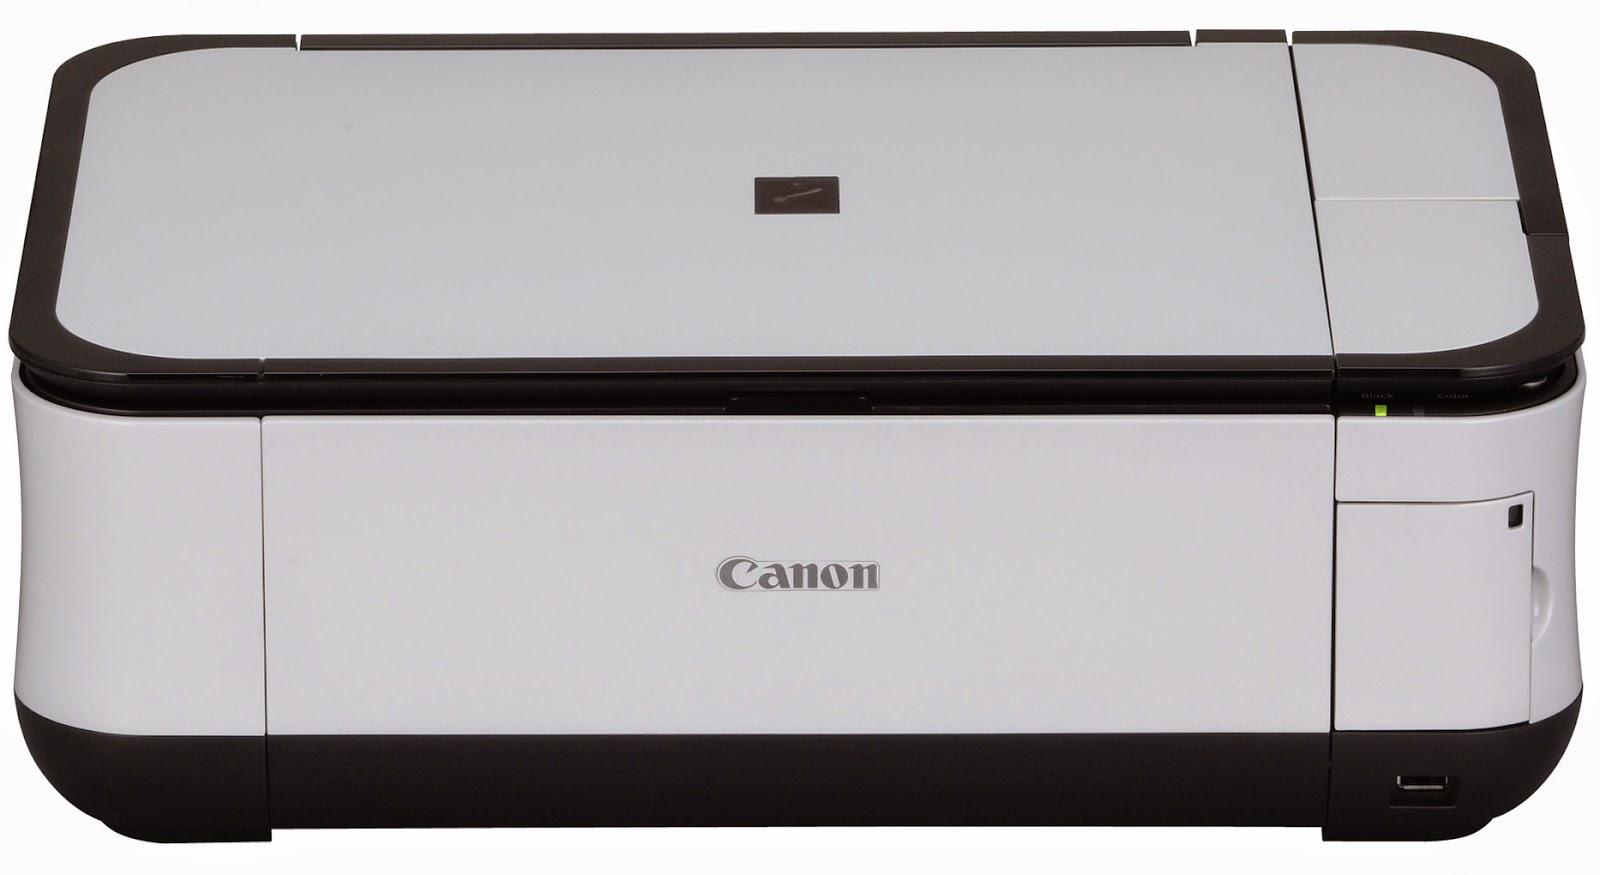 Canon Mp240 Series Printer Driver For Mac